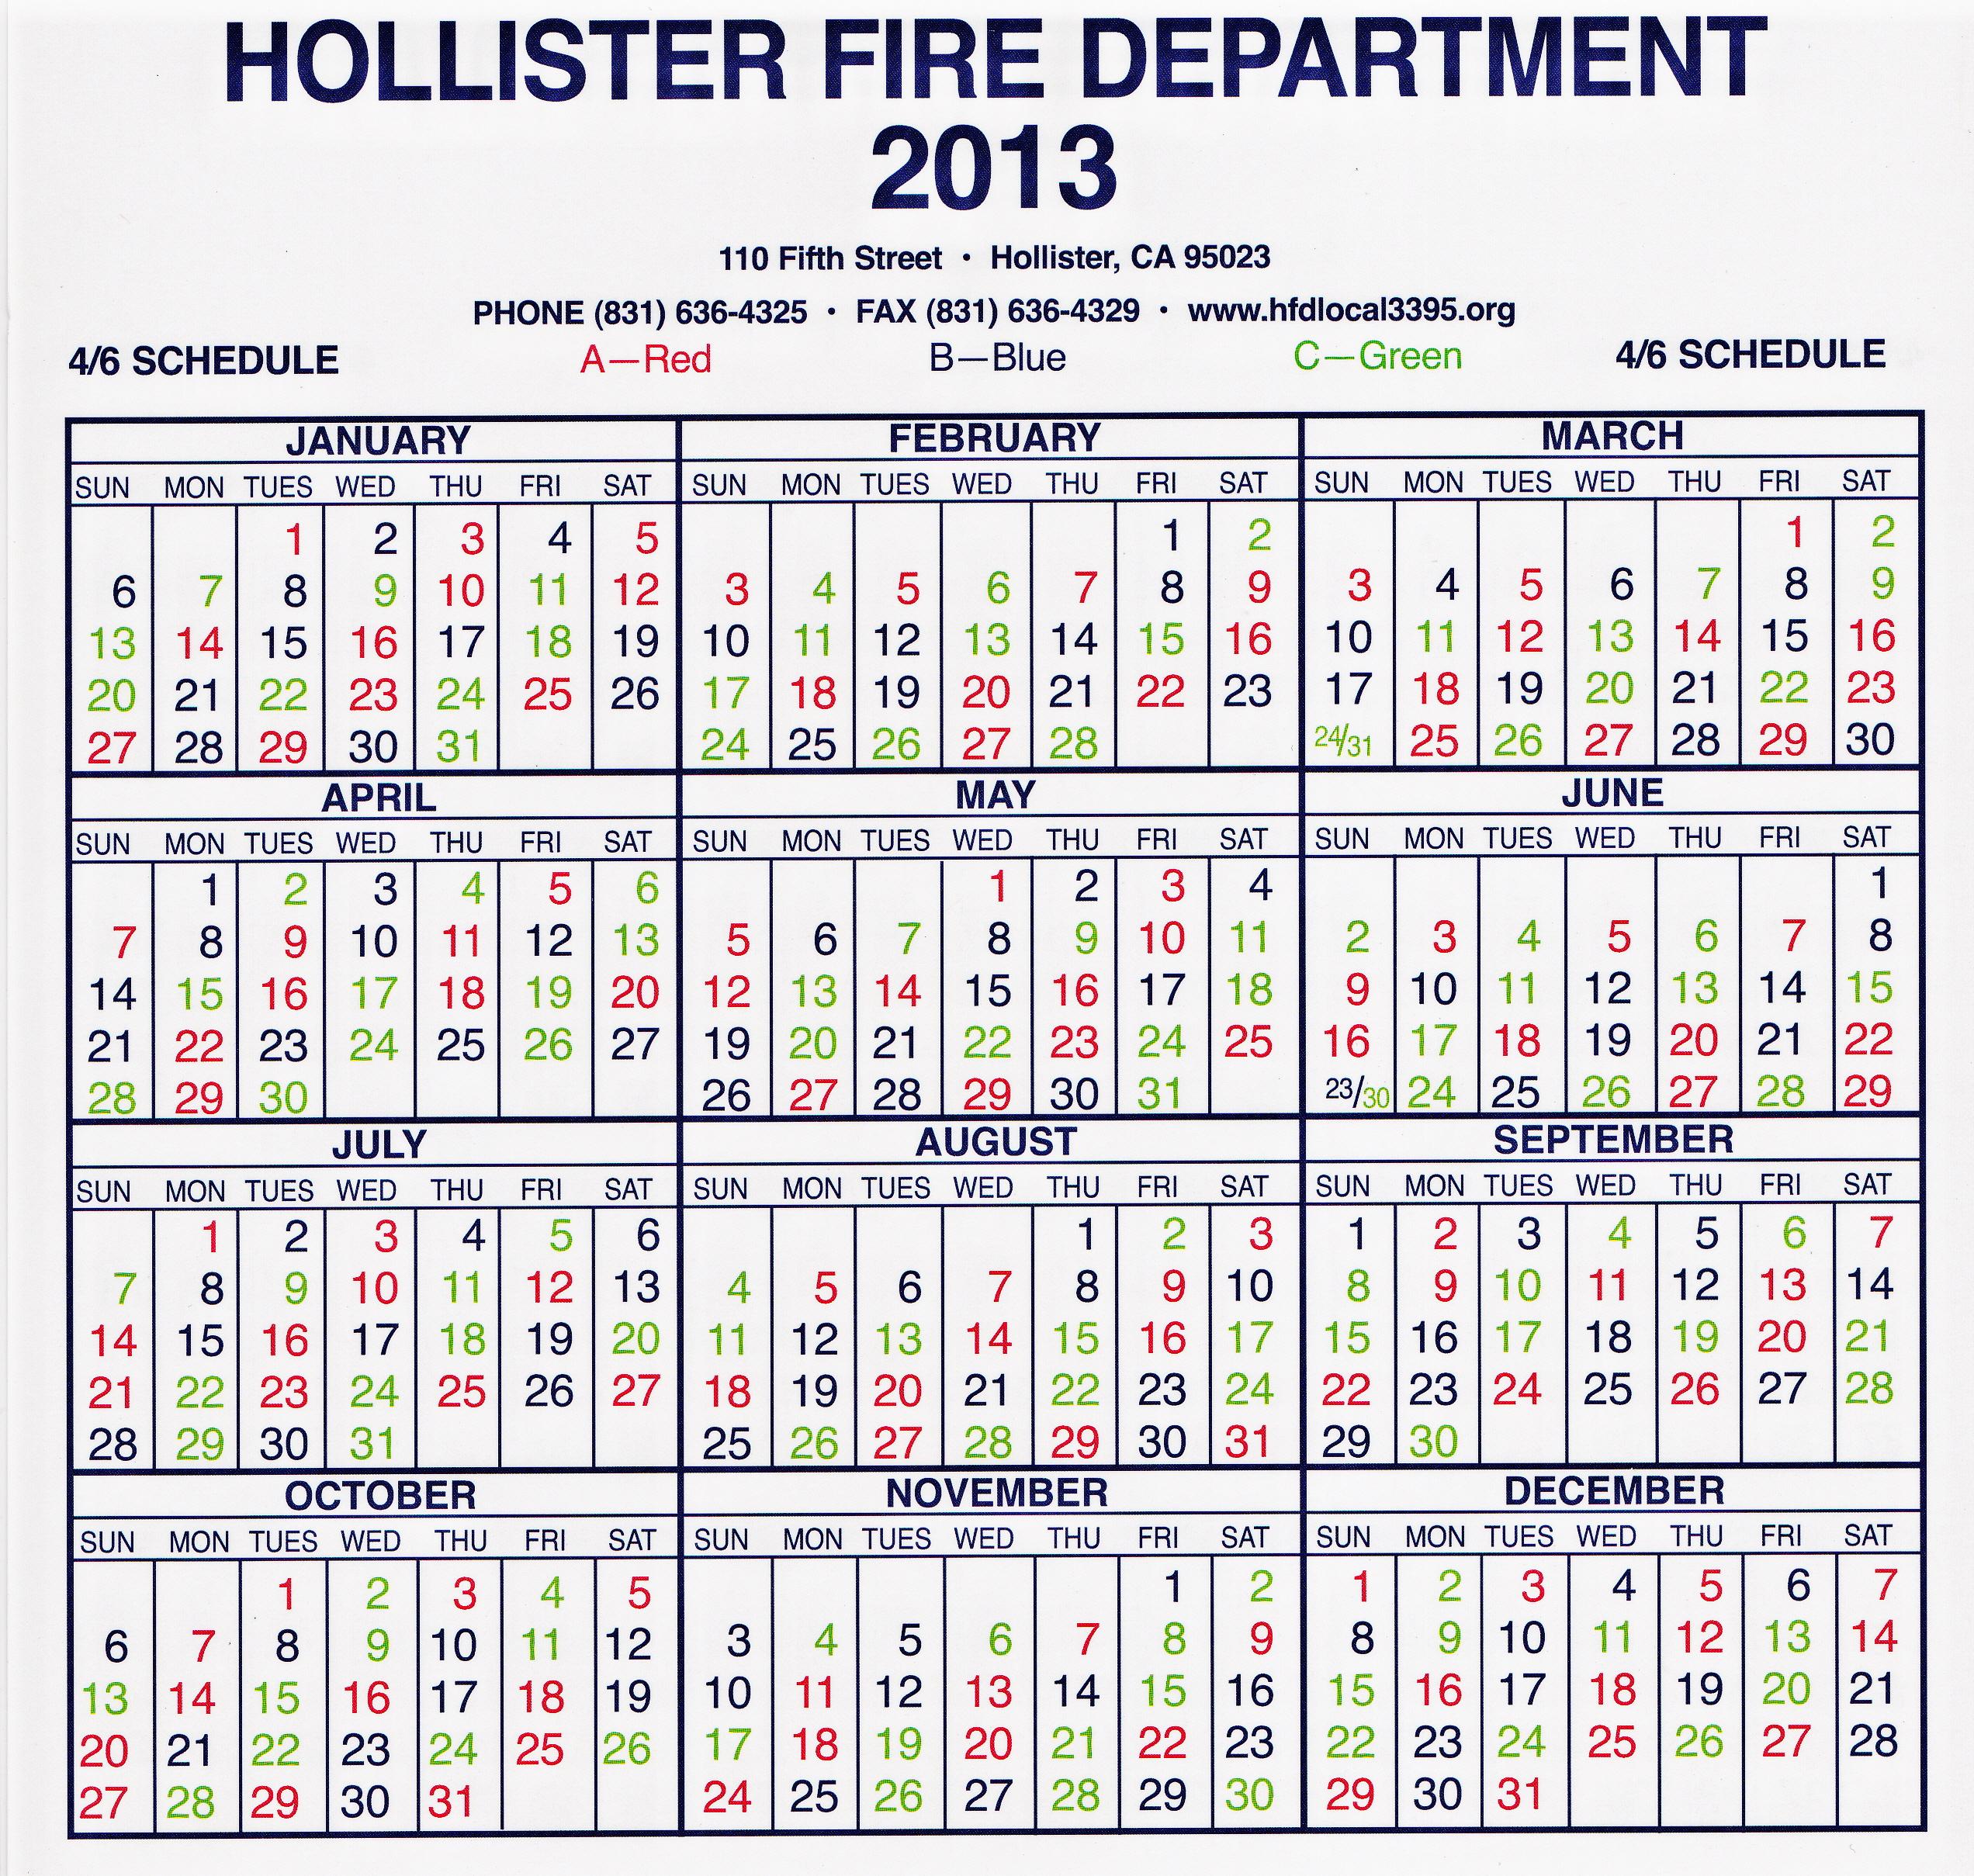 Hollister Fire Department Local 3395 - Shift Calendar regarding Hfd Shift Calendar